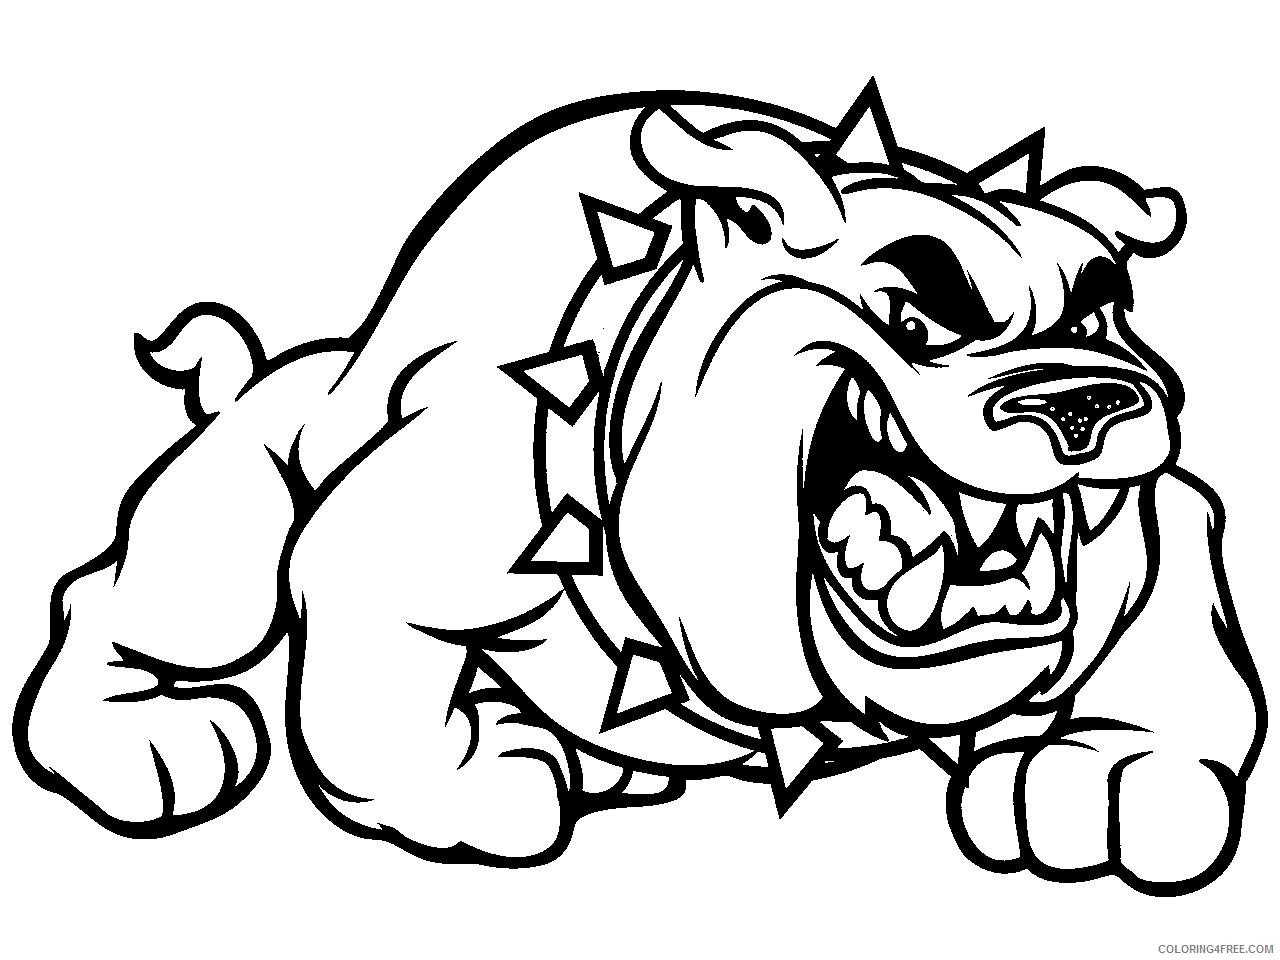 Black and White Bulldog Coloring Pages bulldog drawing jpg Printable Coloring4free